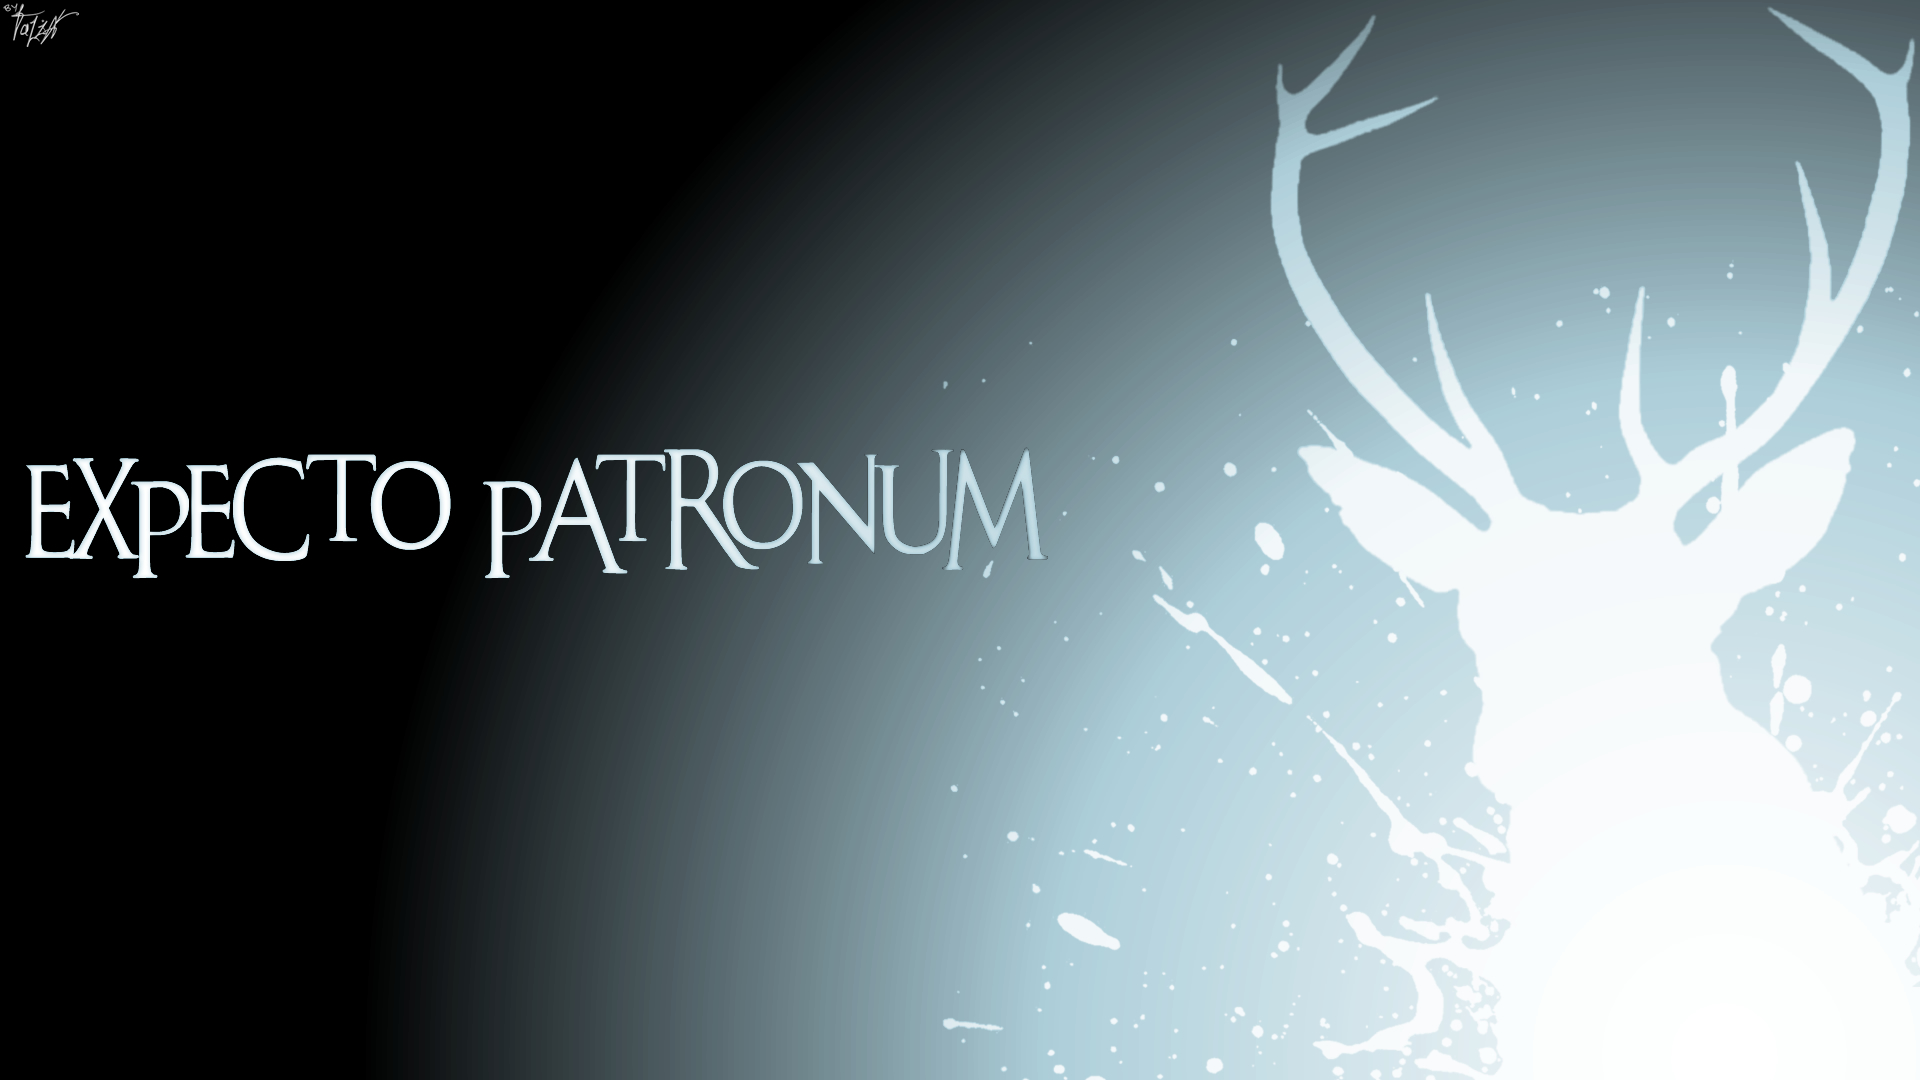 Fantastic Wallpaper Harry Potter Simple - 556236  You Should Have_232278.jpg